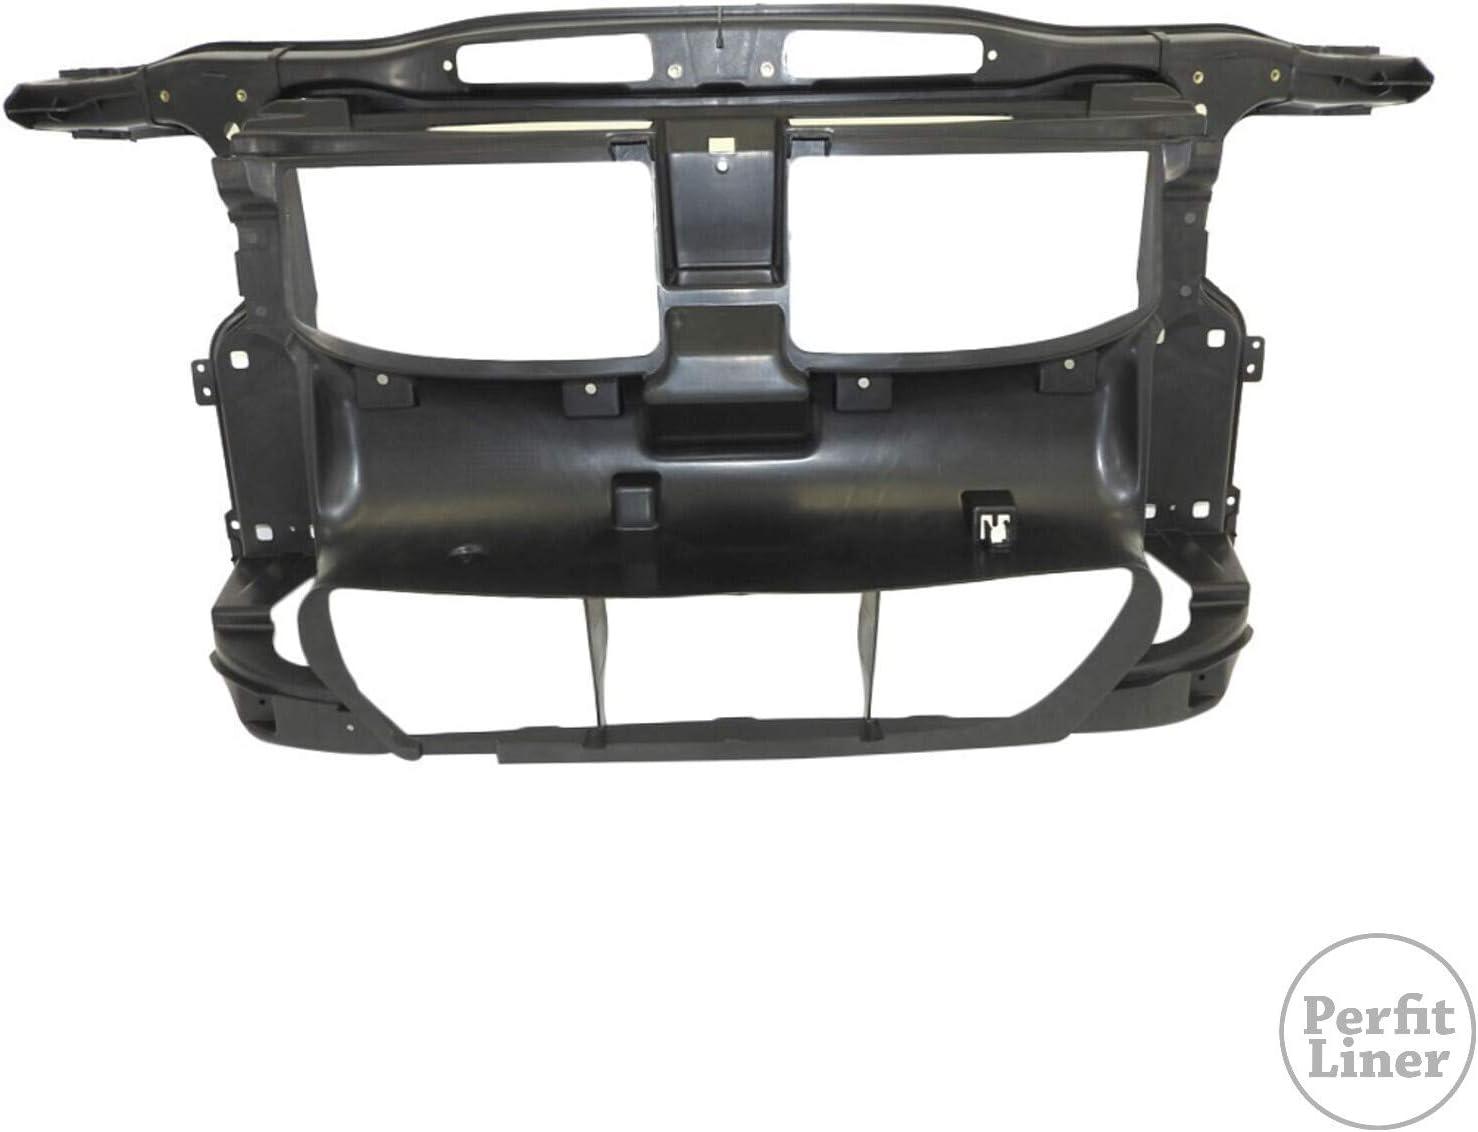 Titanium Plus Autoparts 2006-2011 Compatible With BMW 330i 330xi 325xi 335d 328xi 325i 328i xDrive 328i Front Right Passenger Side Fender BM1241138